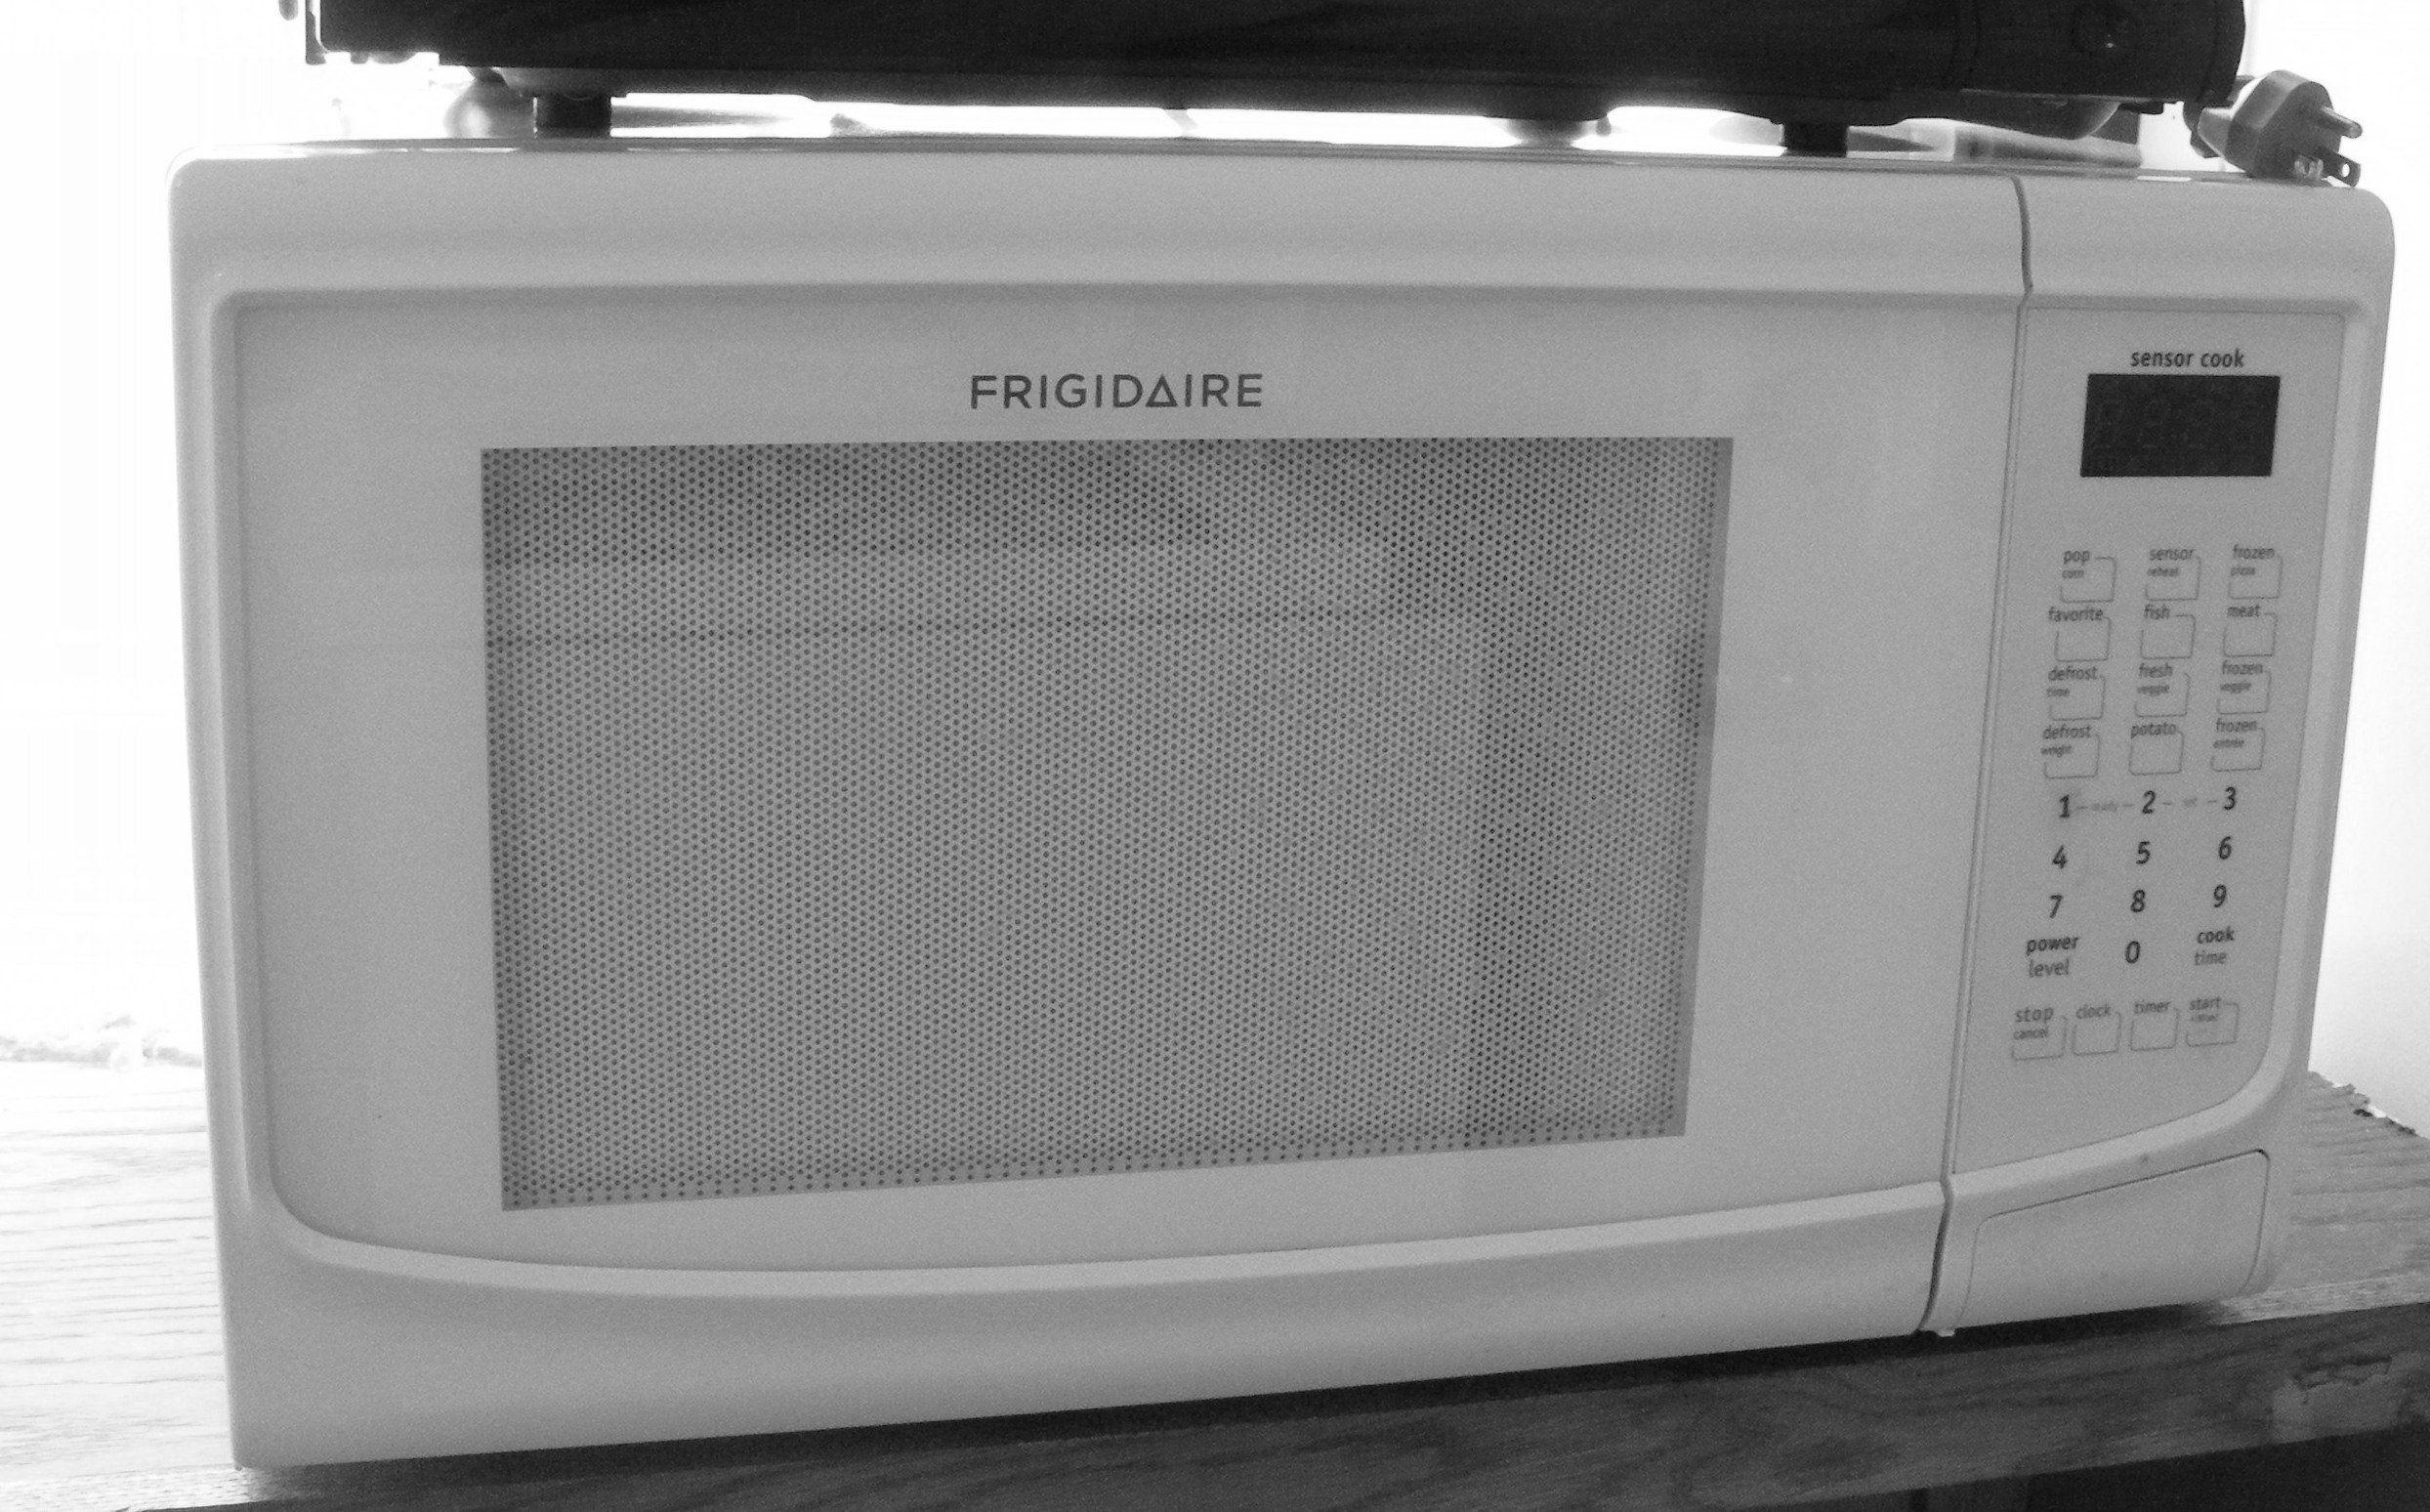 microwave frigidaire best appliances